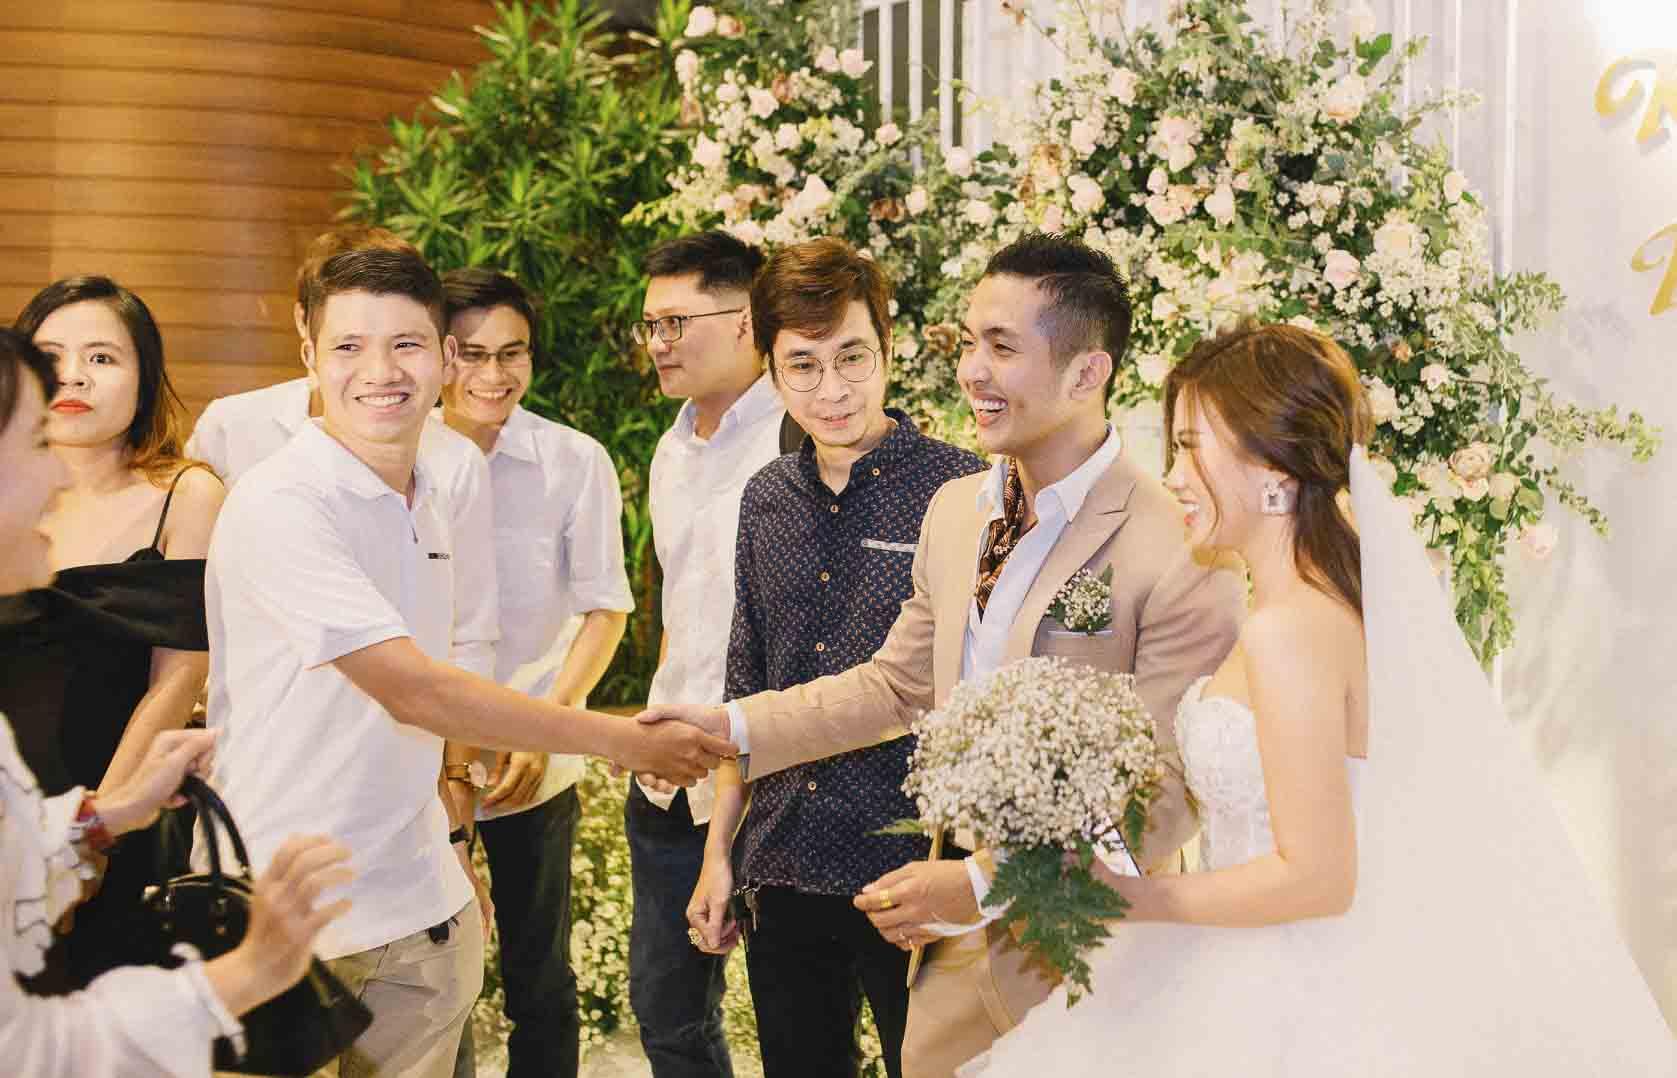 chụp hình phóng sự cưới đẹp tại tphcm